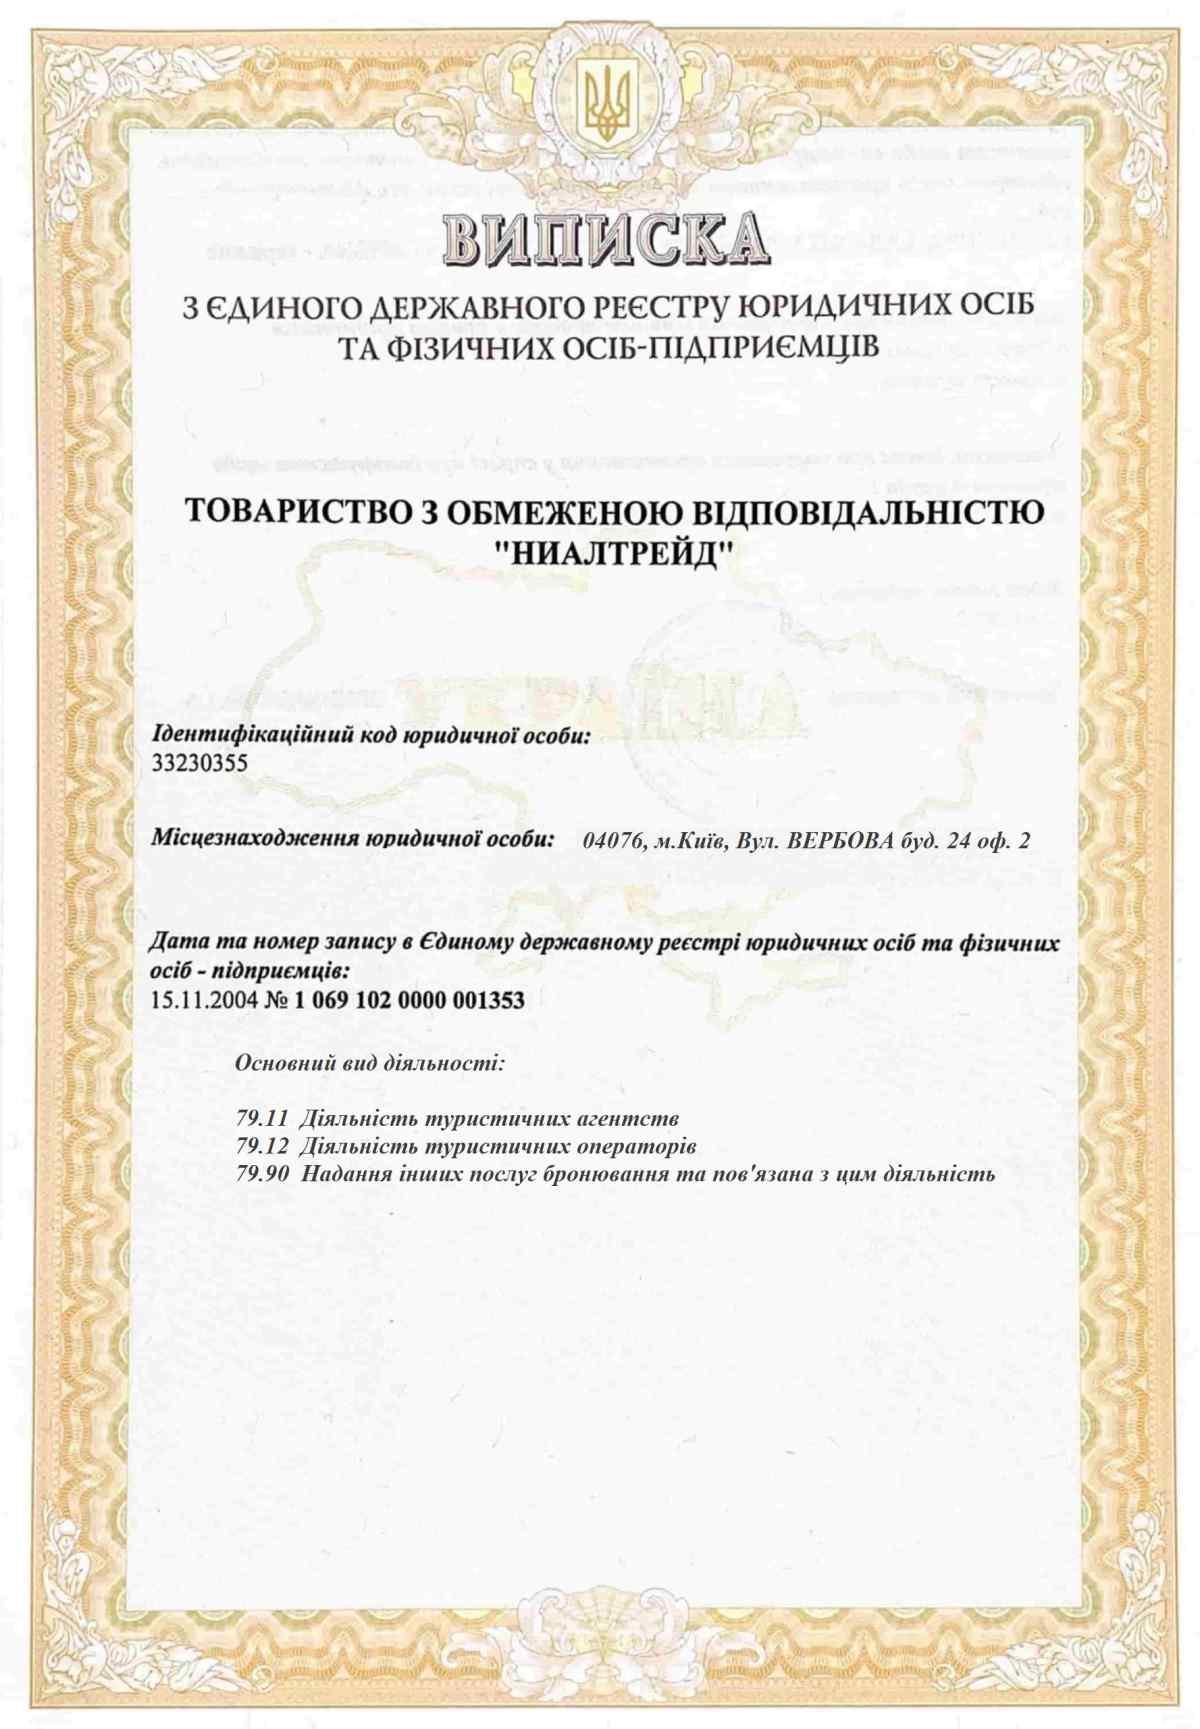 ВЫПИСКА ЕДРПОУ 33230355